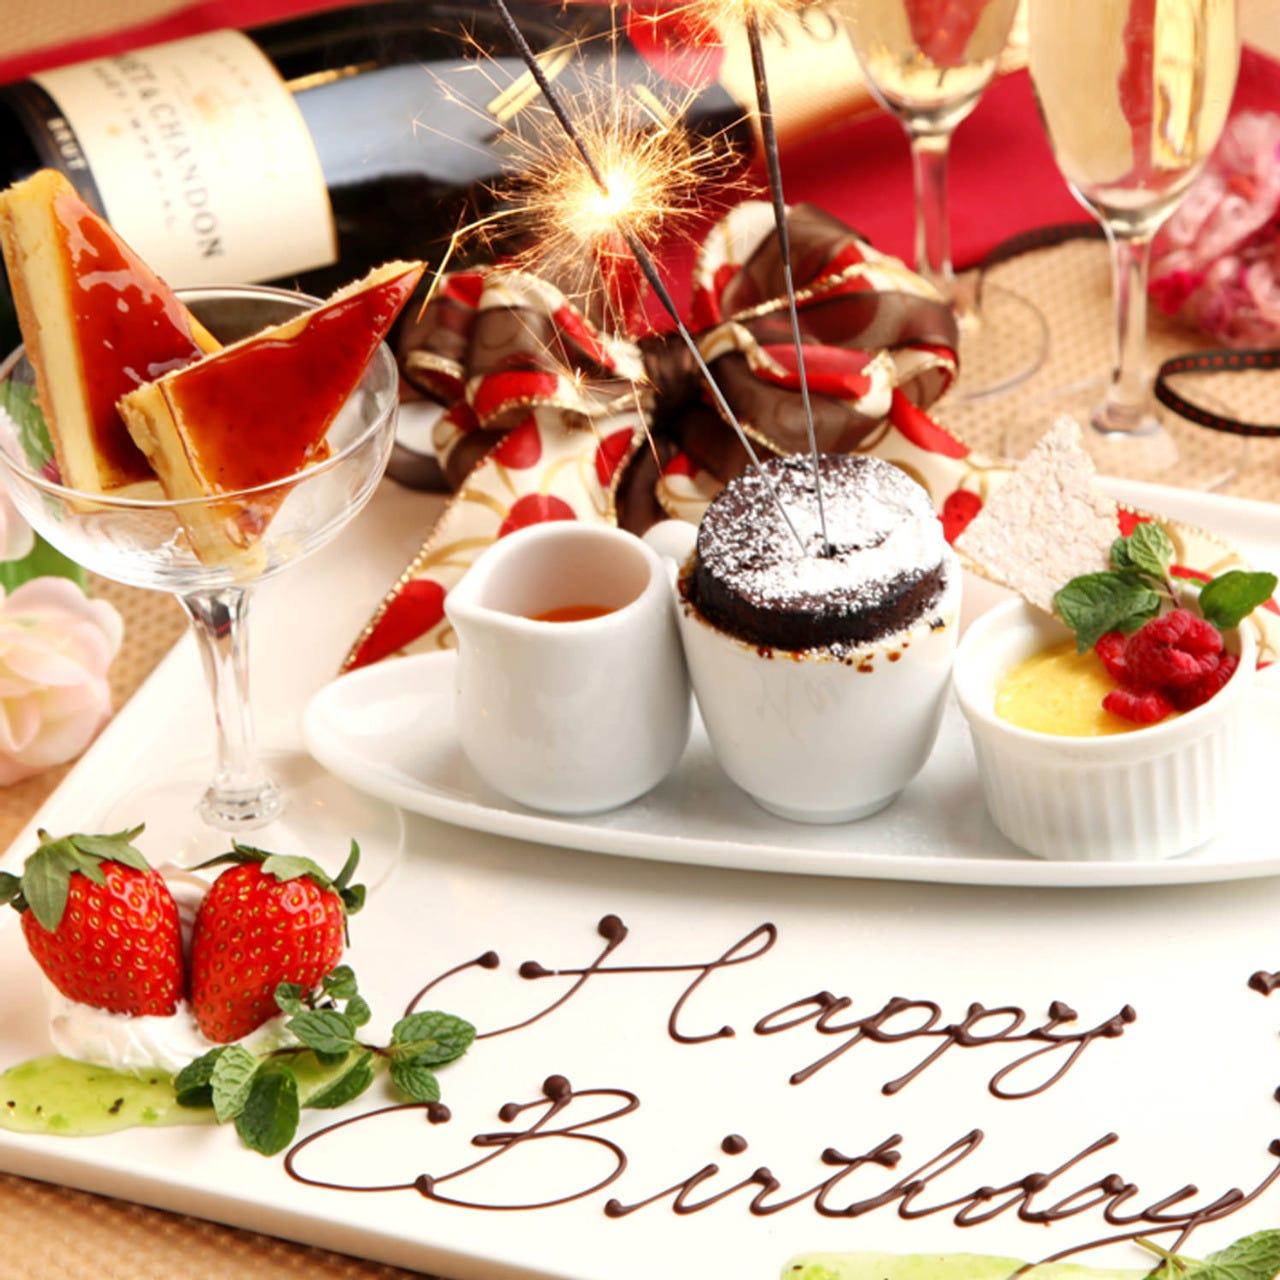 前日までのご予約で誕生日/記念日★プレートプレゼント♪